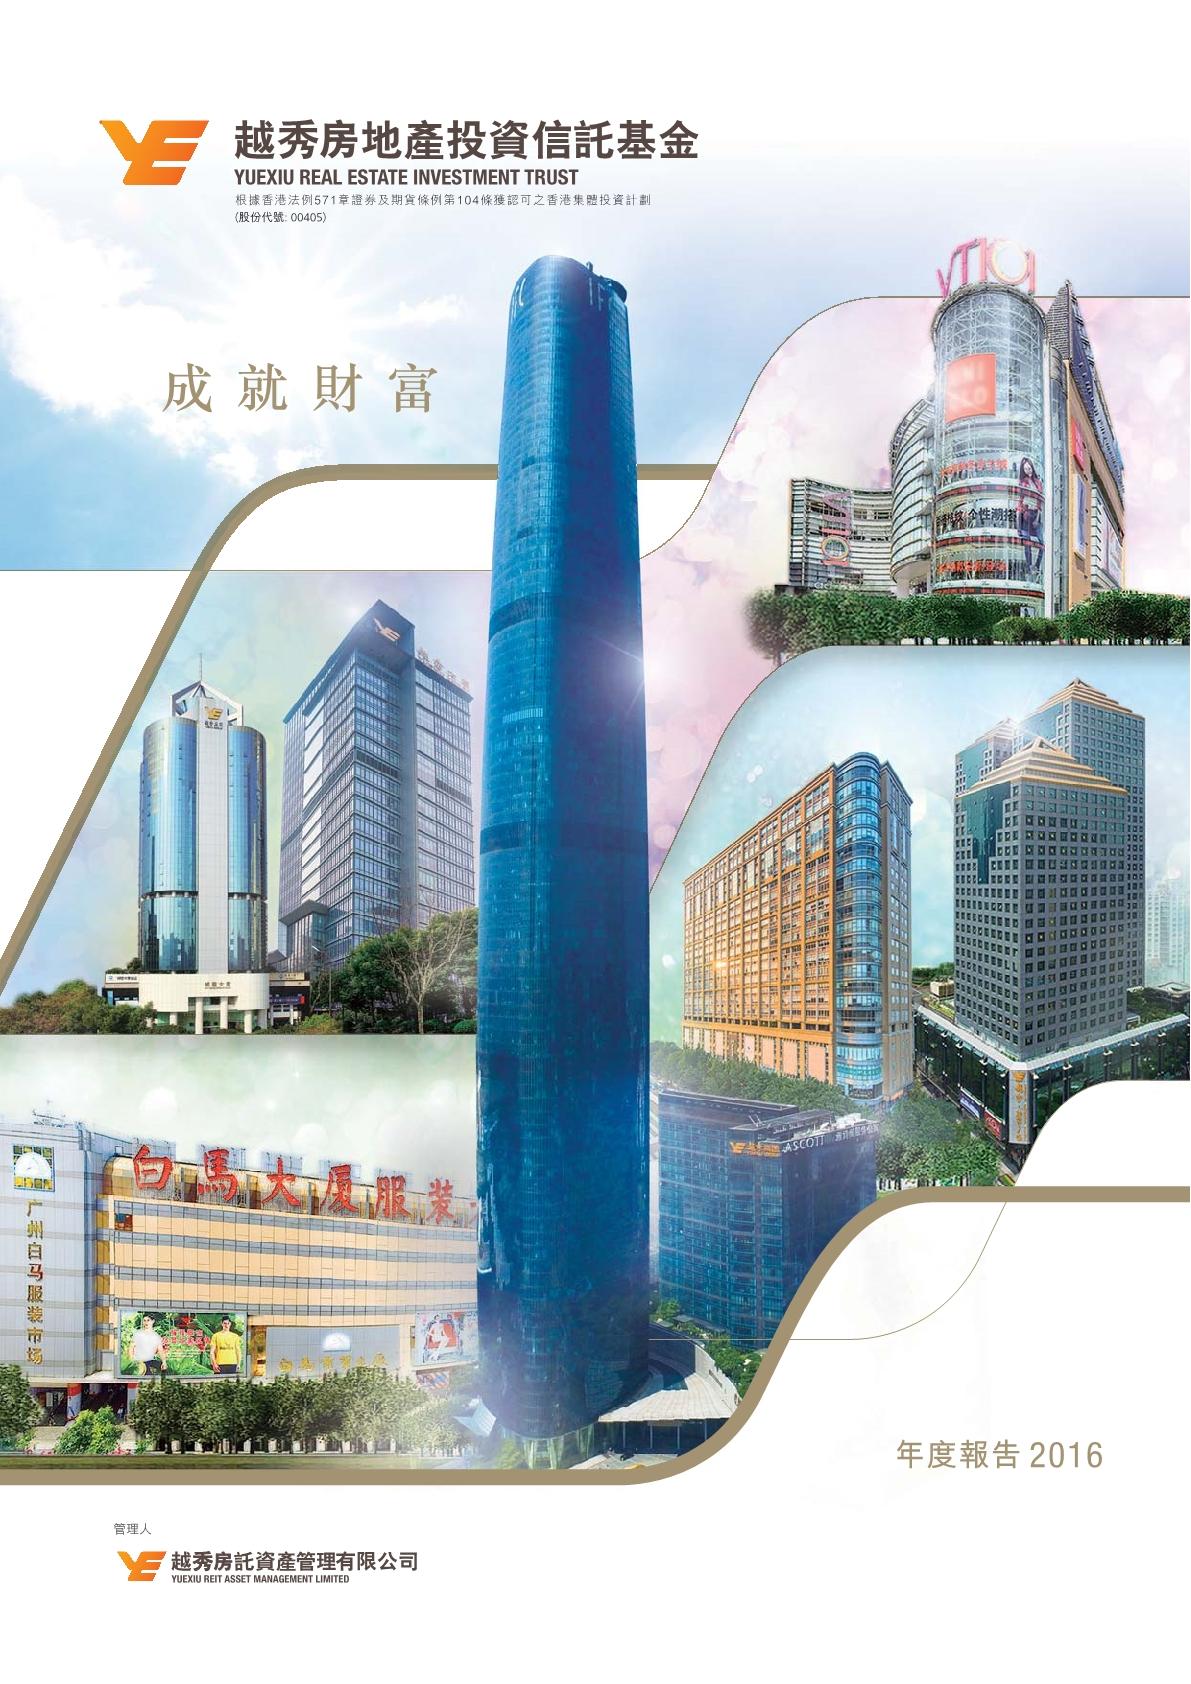 越秀房地产投资信托基金 年度报告 2016